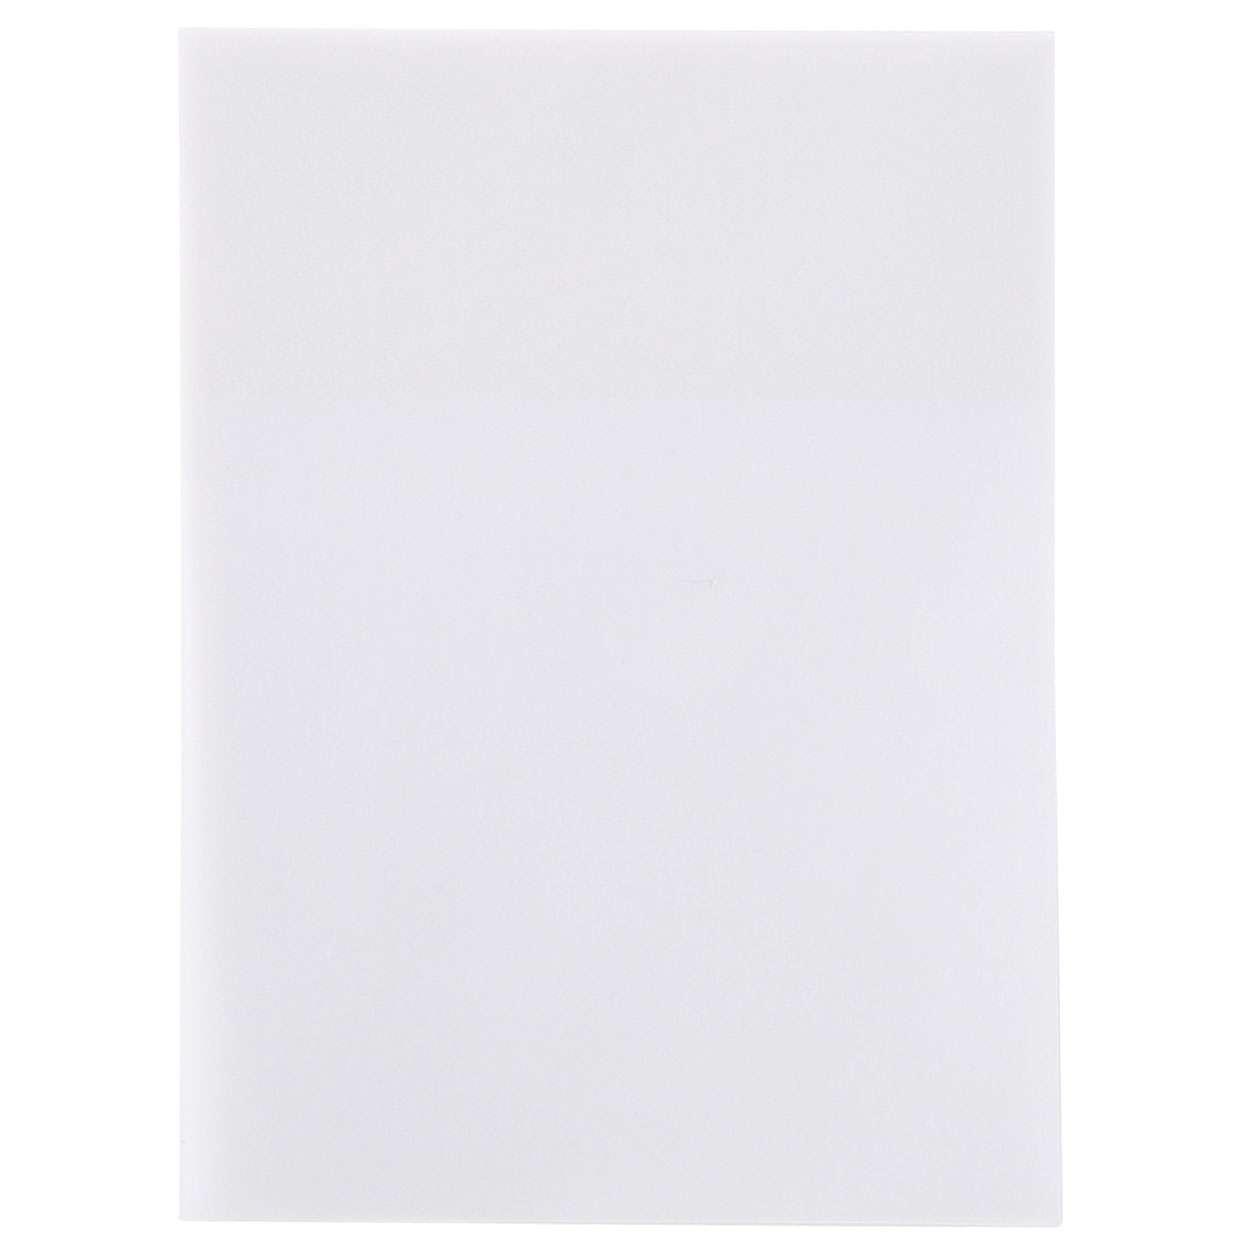 貼ったまま読める透明付箋紙 約70×95mm・20枚   無印良品ネットストア